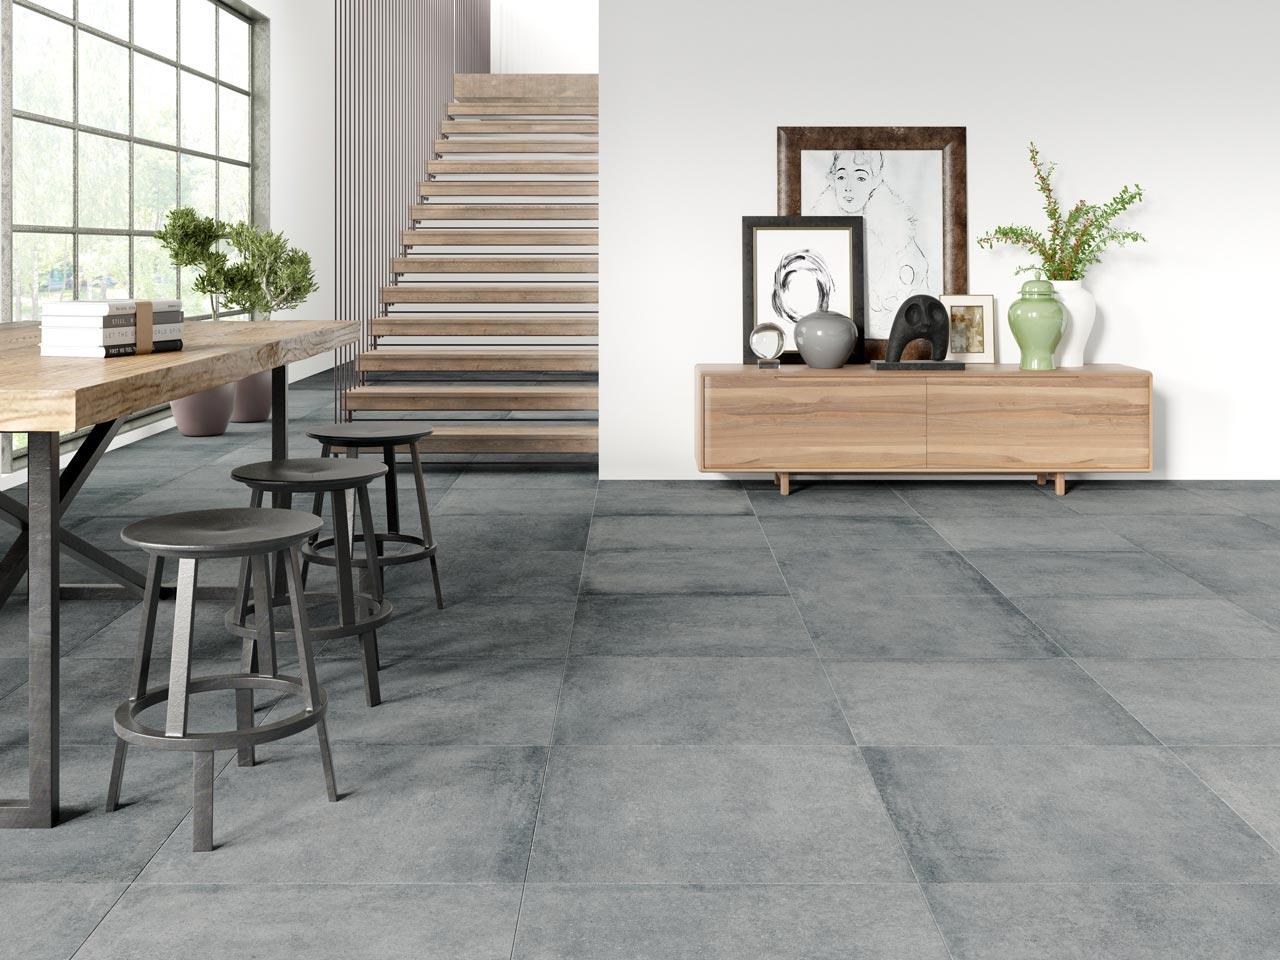 plinta, concrete